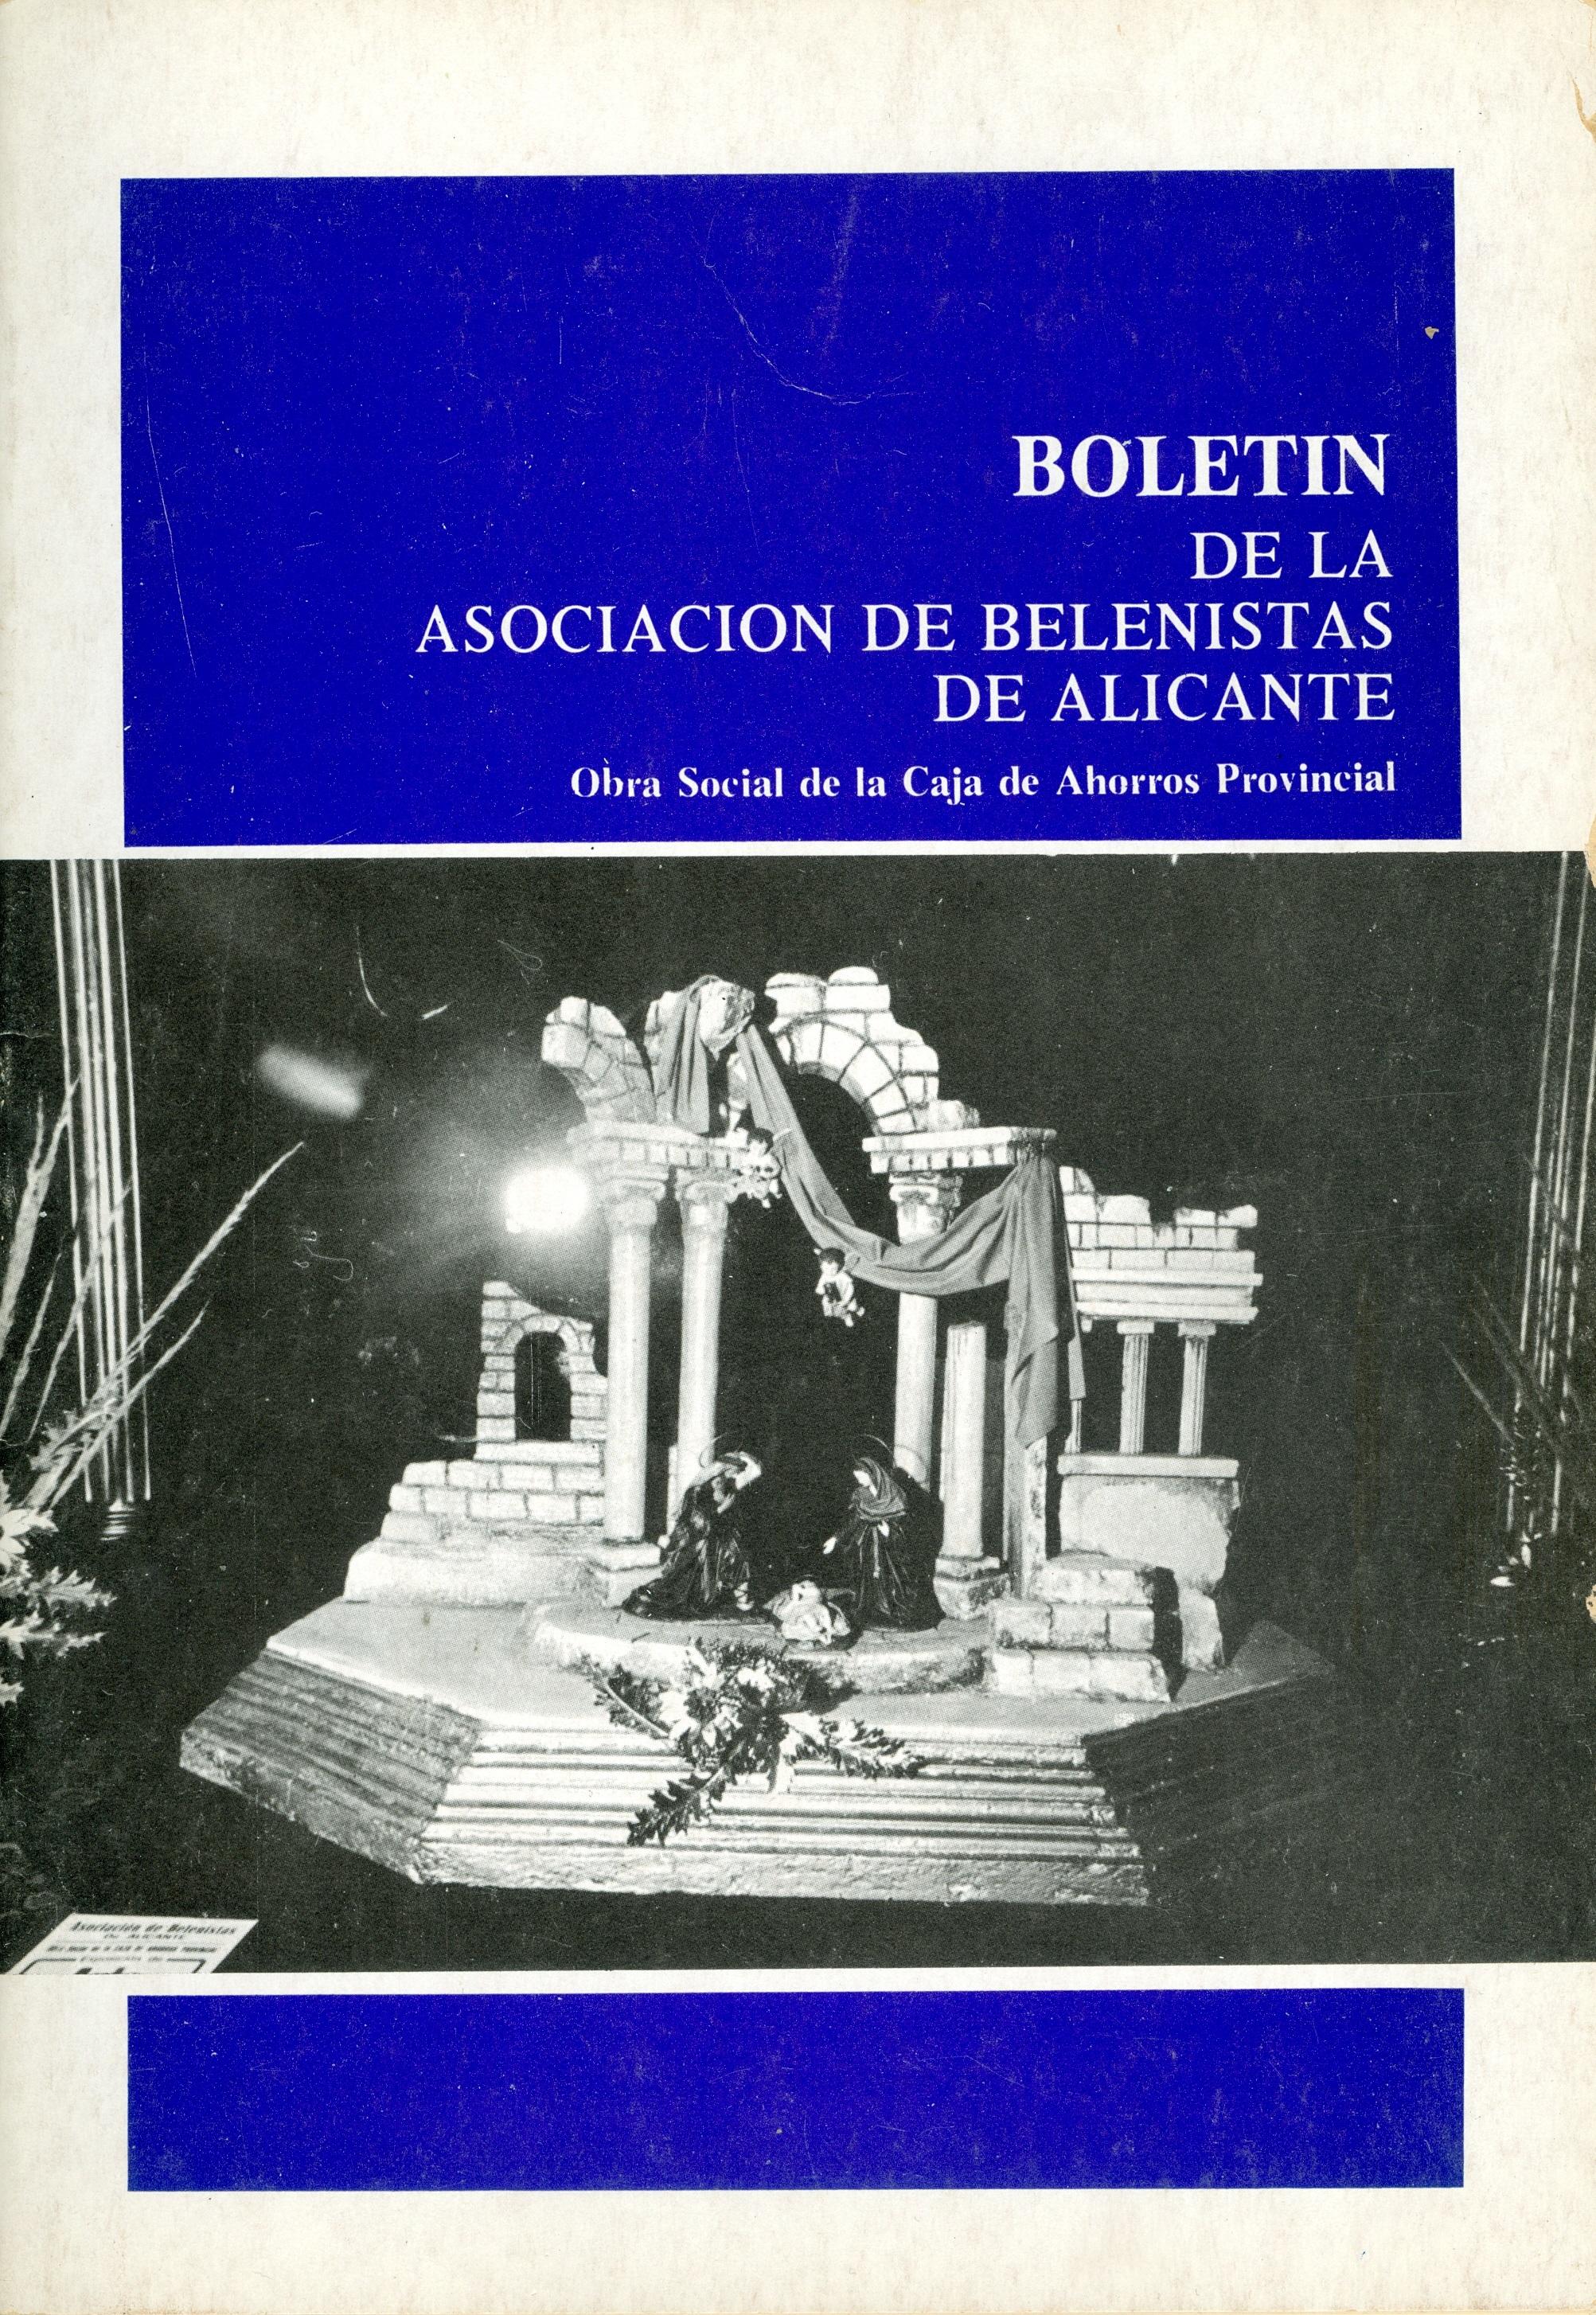 Portada del Boletín Nº 14 - 1974, de la Asociación de Belenistas de Alicante